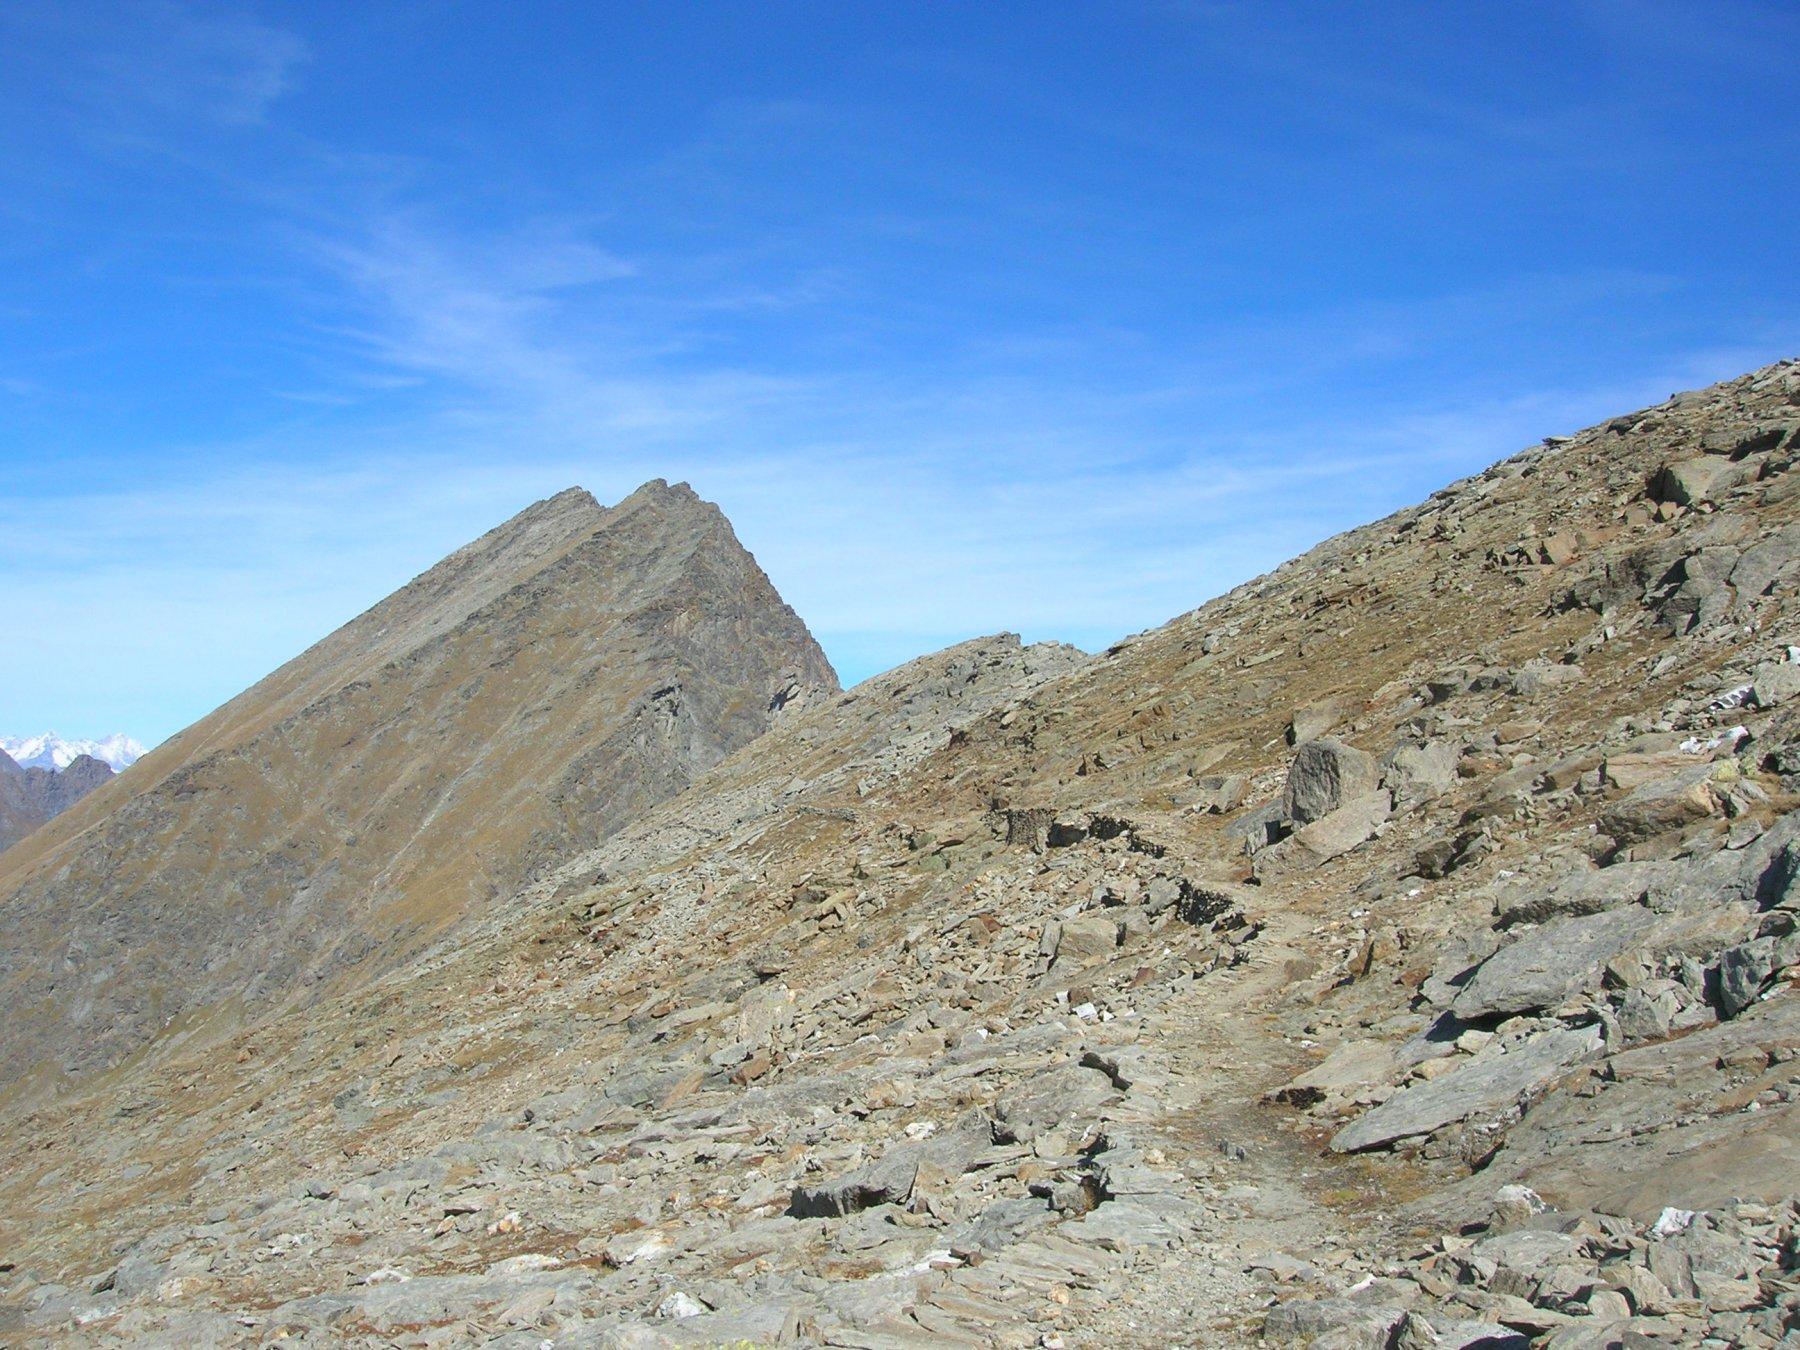 Il sentiero che traversando a mezza costa si dirige verso il Col d'Eyele o d'Etsely (2803m)